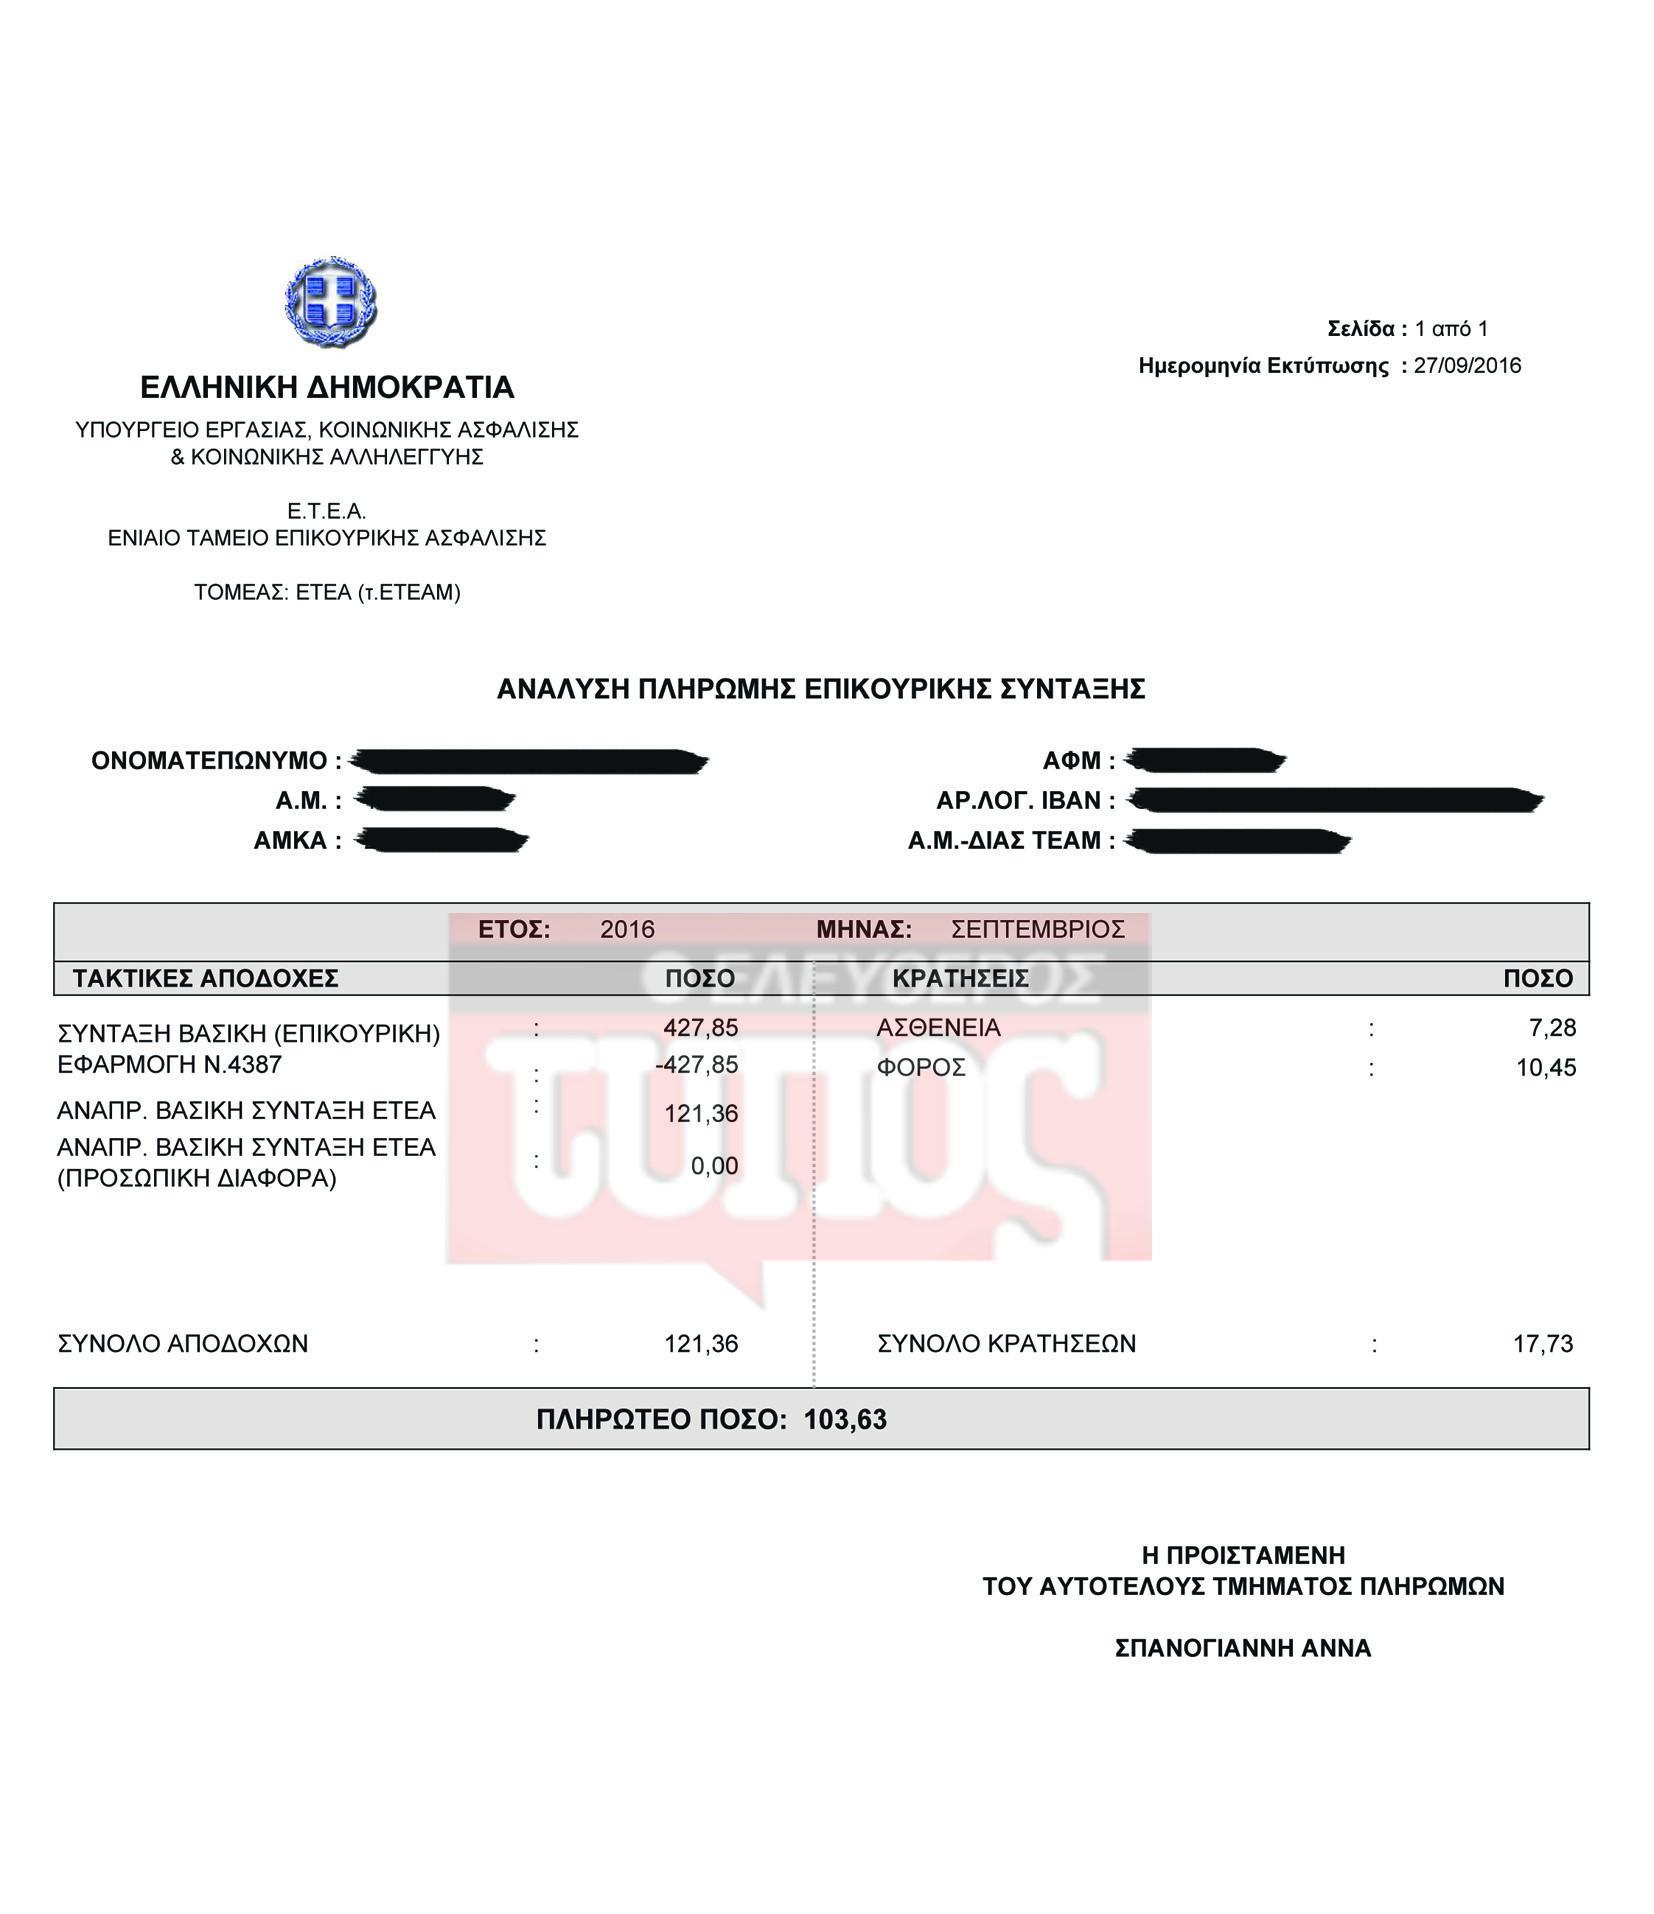 dokoumento-syntaxi-1-1300